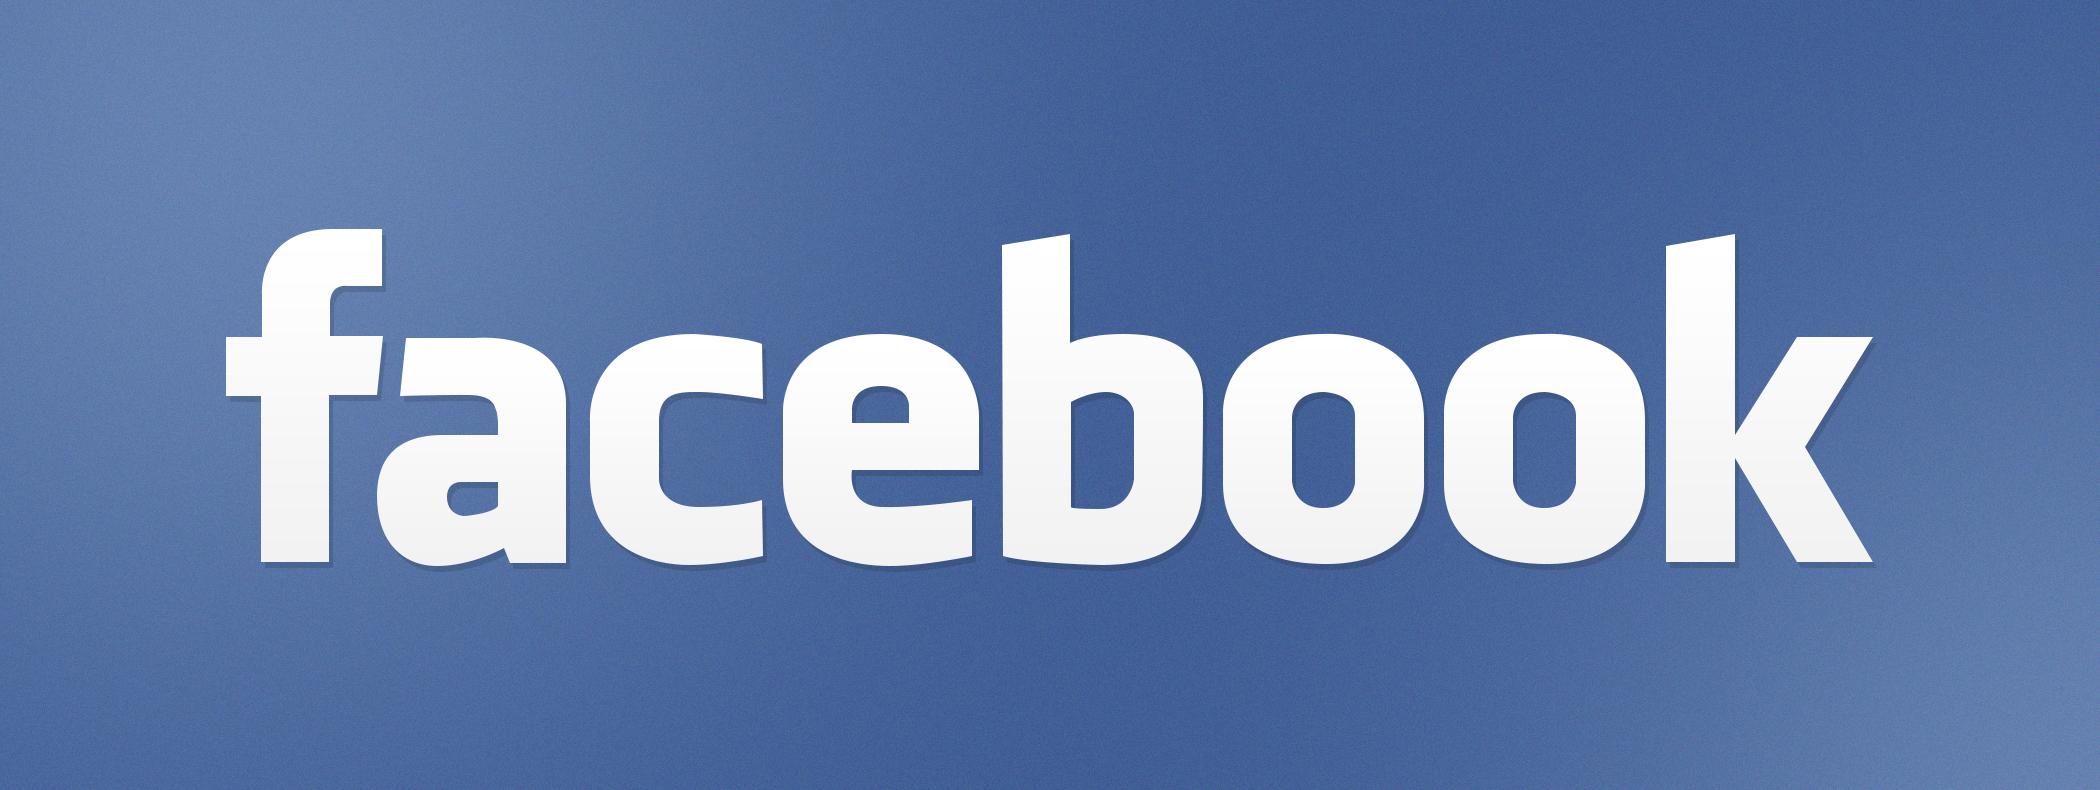 facebook-logo-3.jpg 30 Setembro, 2014 2 MB 2100 × 790